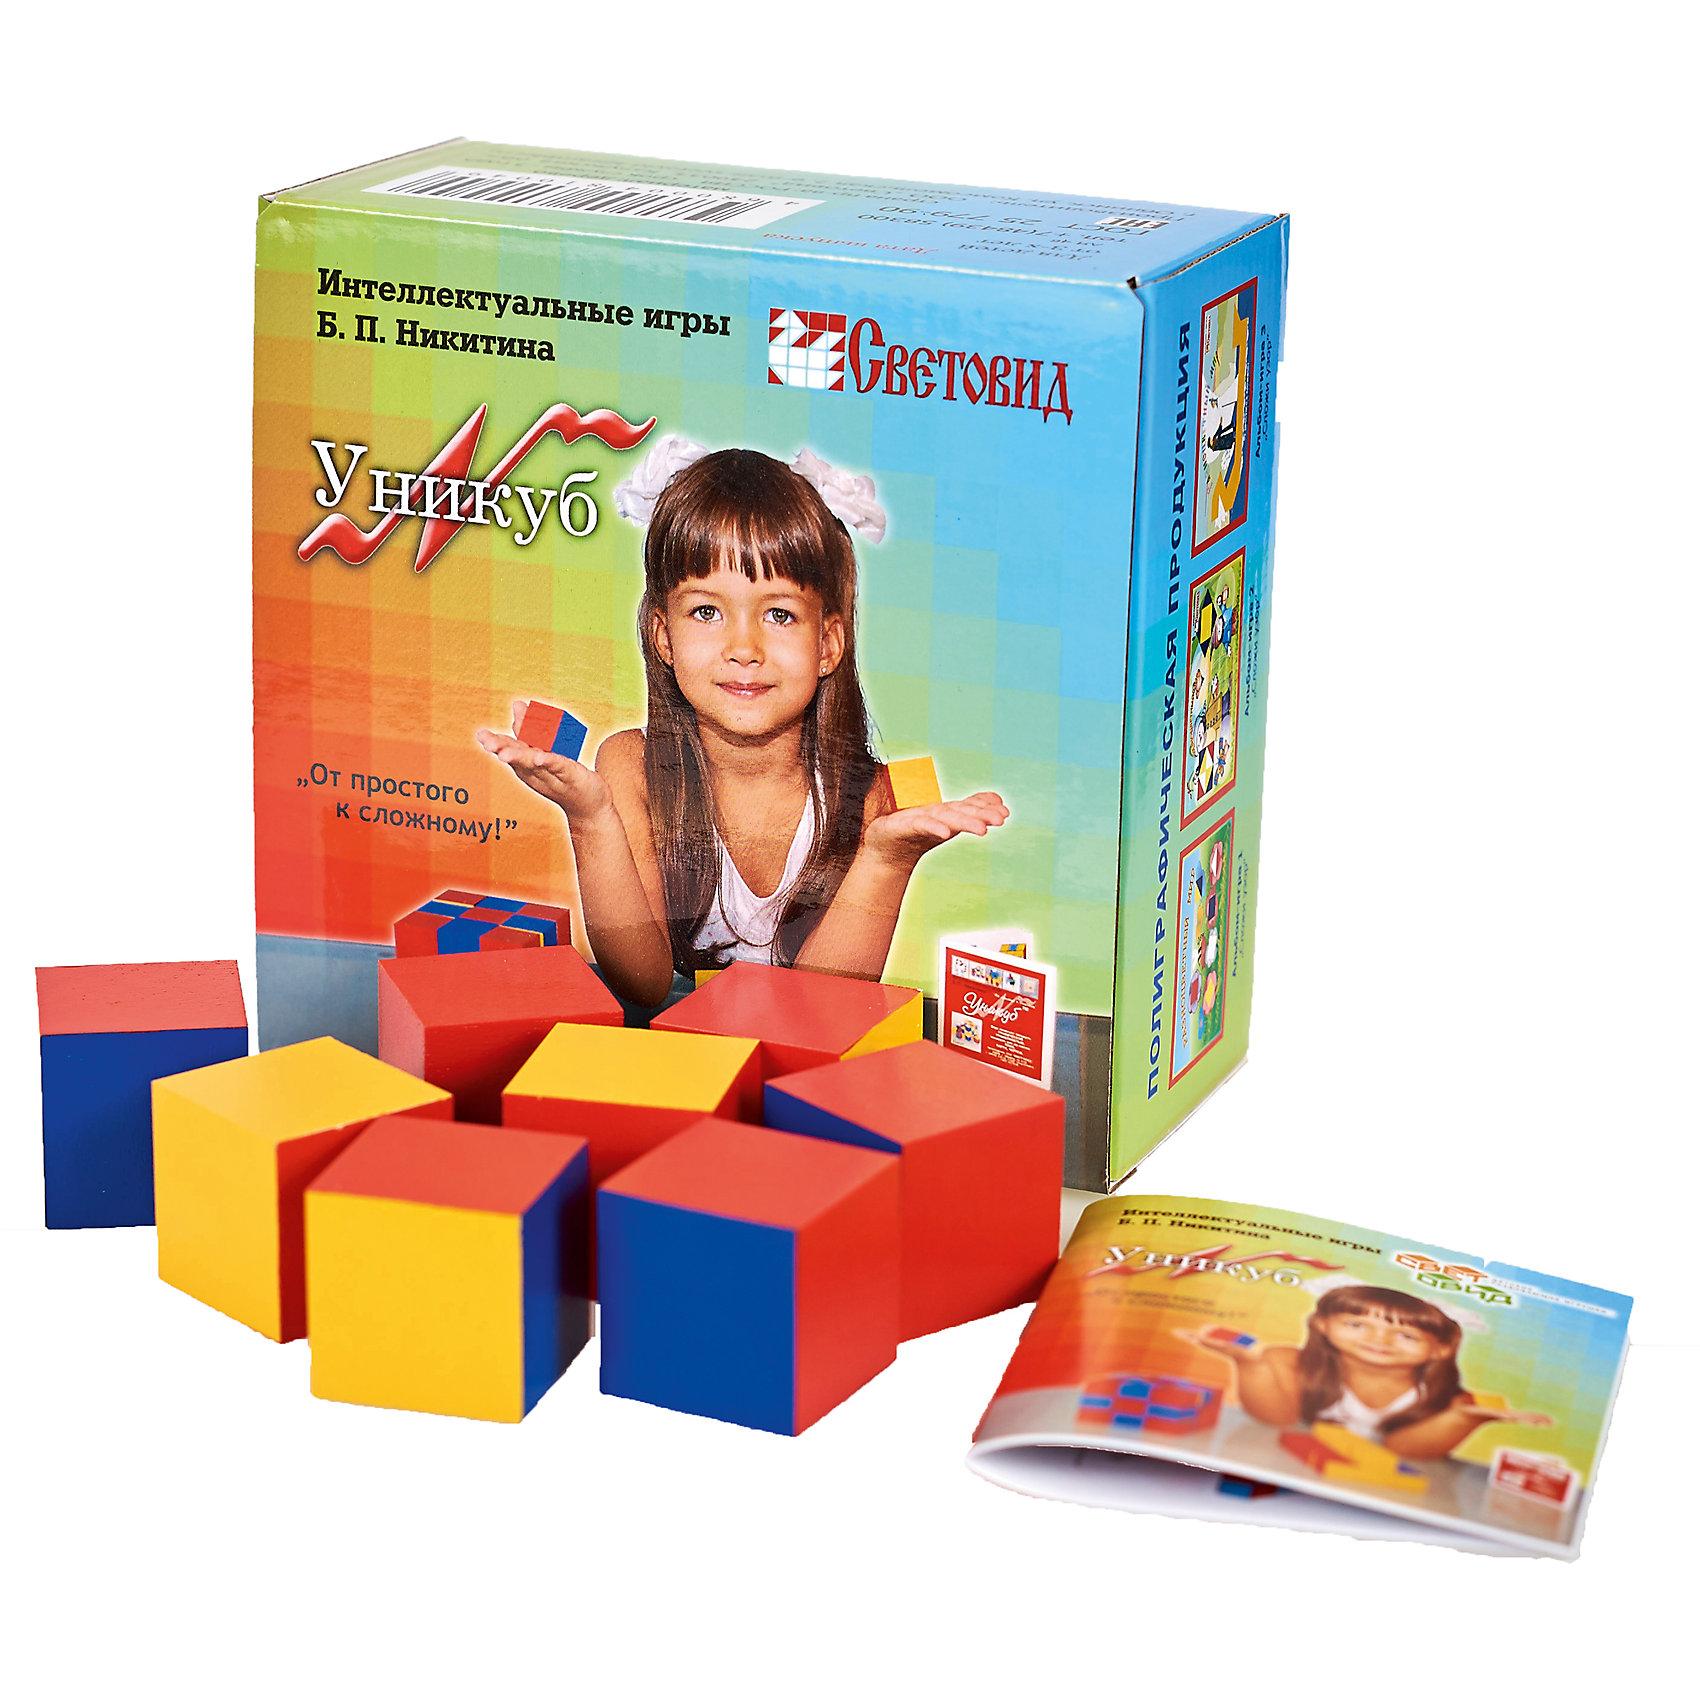 Уникуб, (коробка картон), СветовидРазвивающие игры<br>Игра Уникуб уникальна по своим возможностям. Она самая сложная и интересная из всех игр Никитина, но при этом очень увлекательна. Задания в игре расположены в порядке возрастания сложности, поэтому овладение этой игрой постепенное. Игра обладает колоссальным развивающим потенциалом и учит ребенка логическому мышлению, умению устного счета, образного мышления, усидчивости и как и все игры Никитина анализу и самоанализу. Причем игра будет интересна не только детям, но и взрослым.<br><br>Ширина мм: 136<br>Глубина мм: 140<br>Высота мм: 72<br>Вес г: 600<br>Возраст от месяцев: 36<br>Возраст до месяцев: 2147483647<br>Пол: Унисекс<br>Возраст: Детский<br>SKU: 6894277